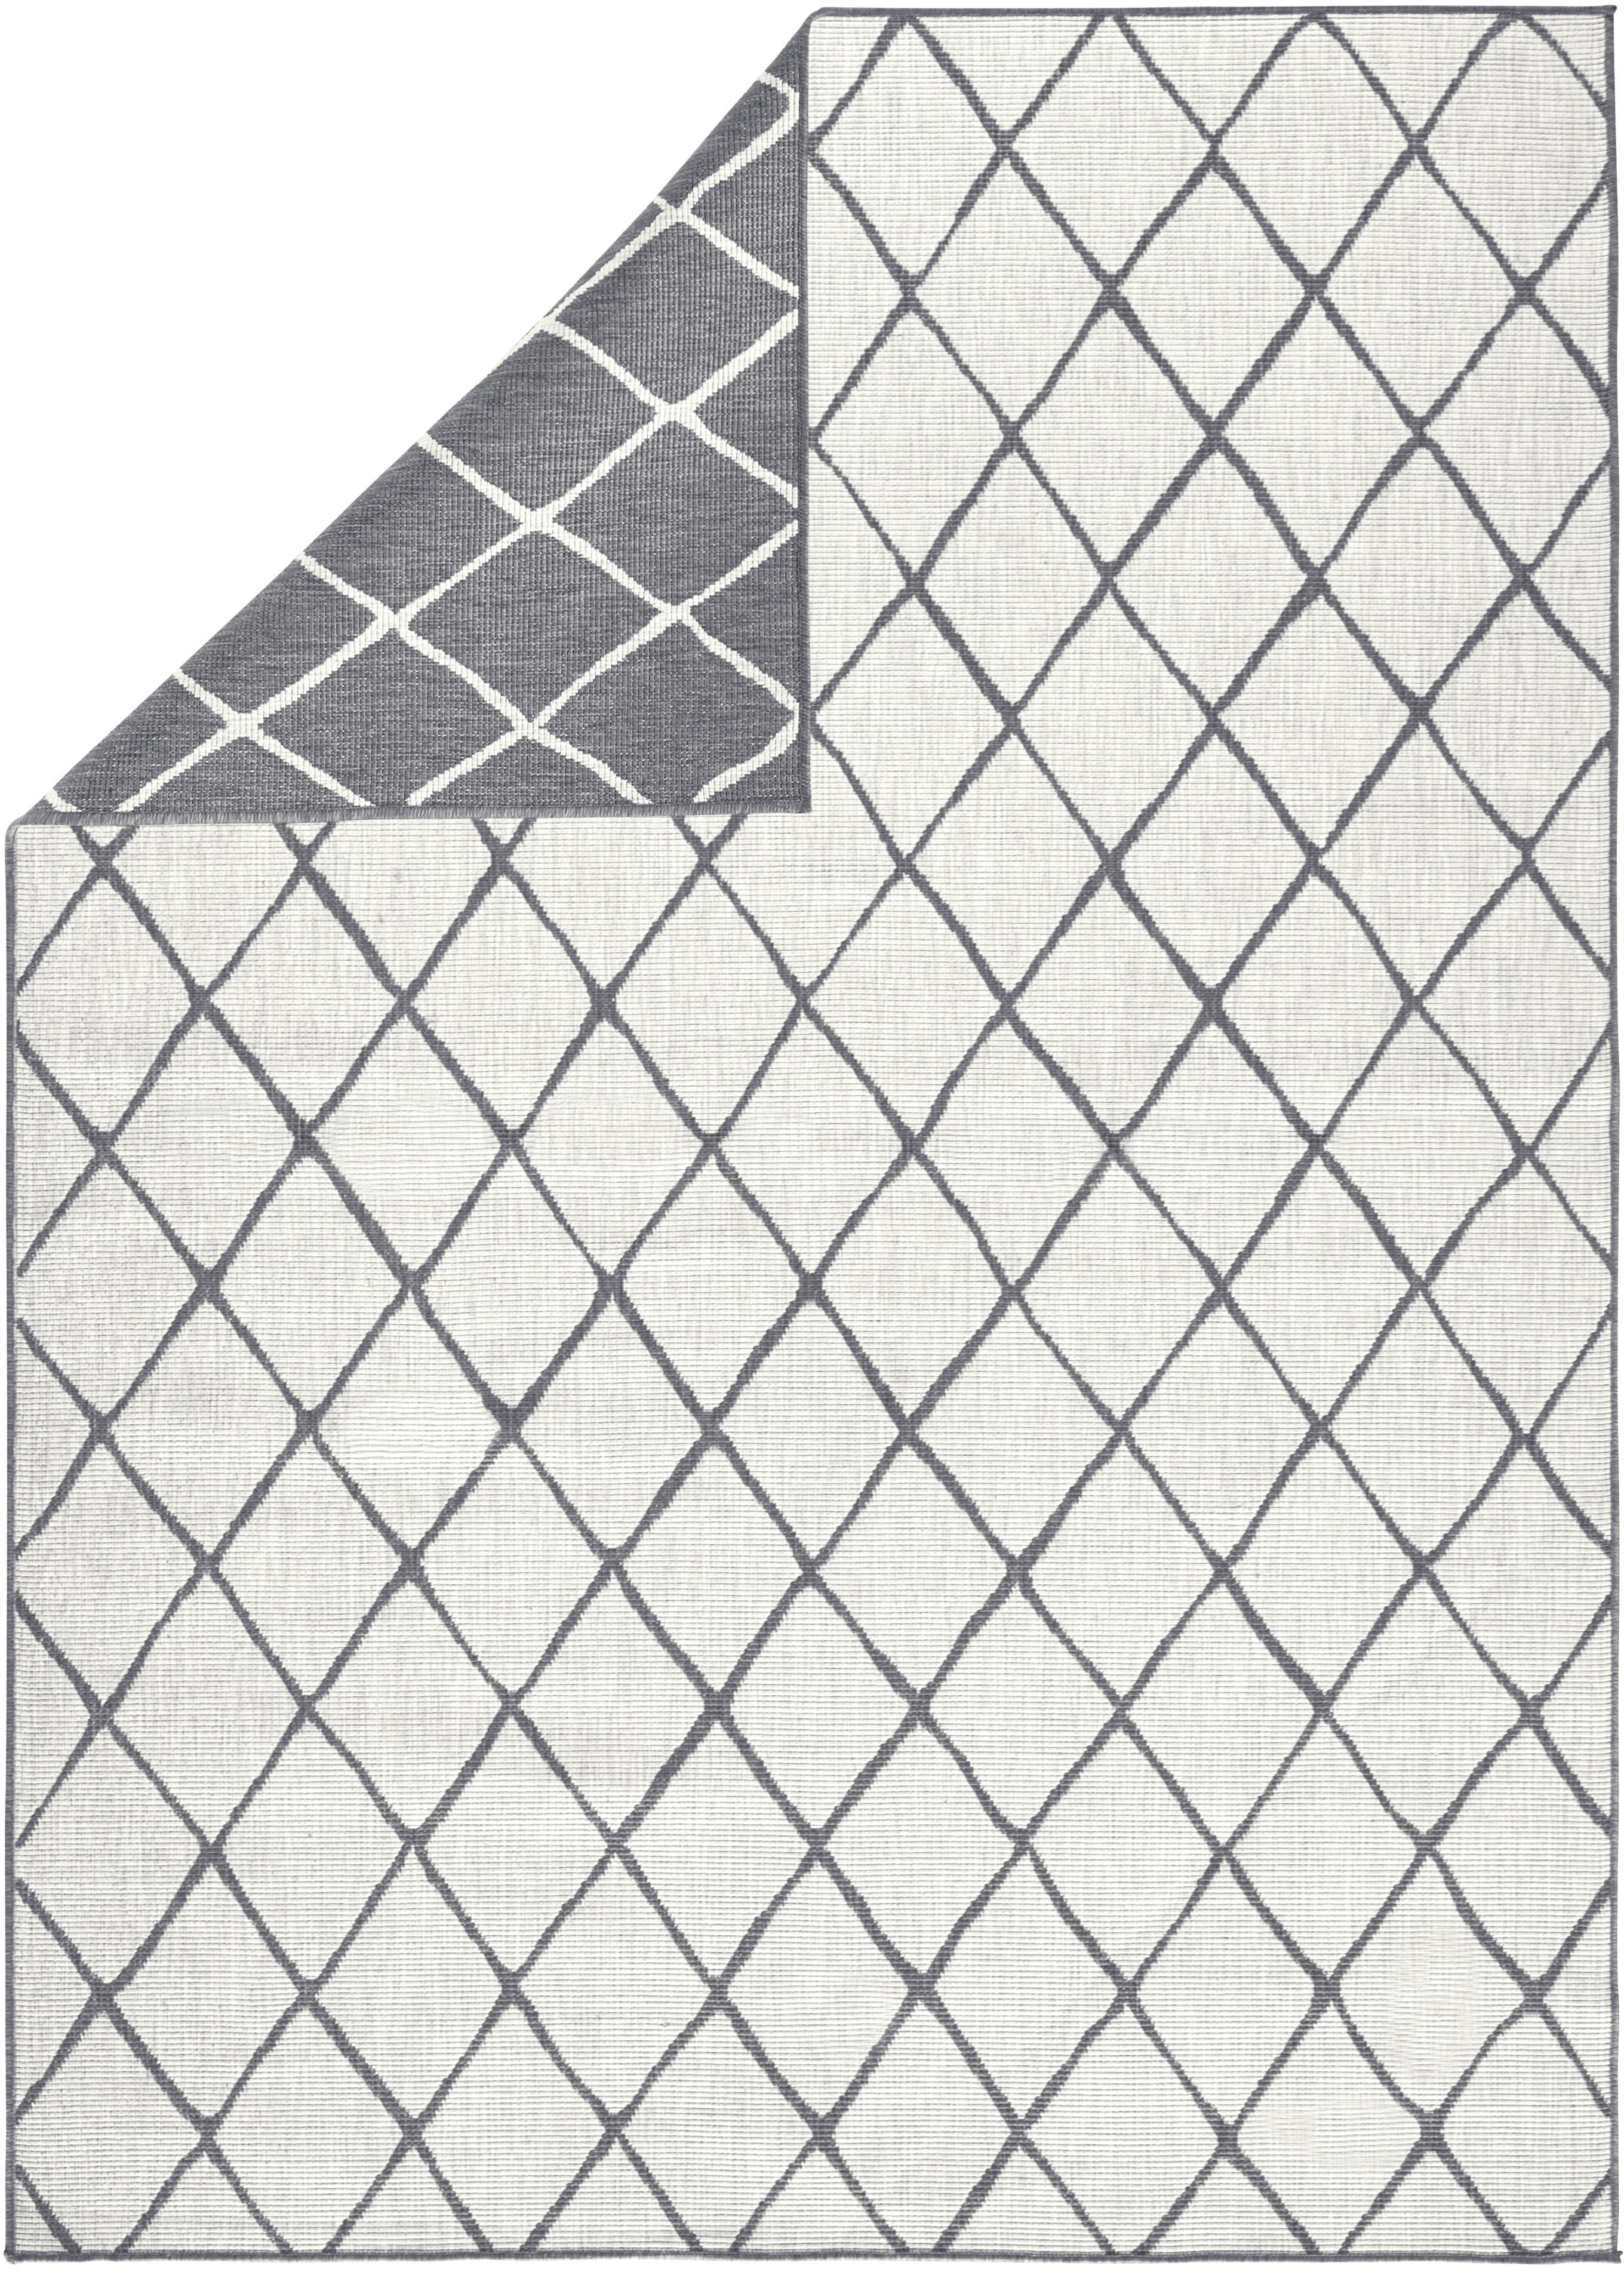 Dubbelzijdig in- en outdoor vloerkleed Malaga, met ruitjesmotief, Grijs, crèmekleurig, B 80 x L 150 cm (maat XS)